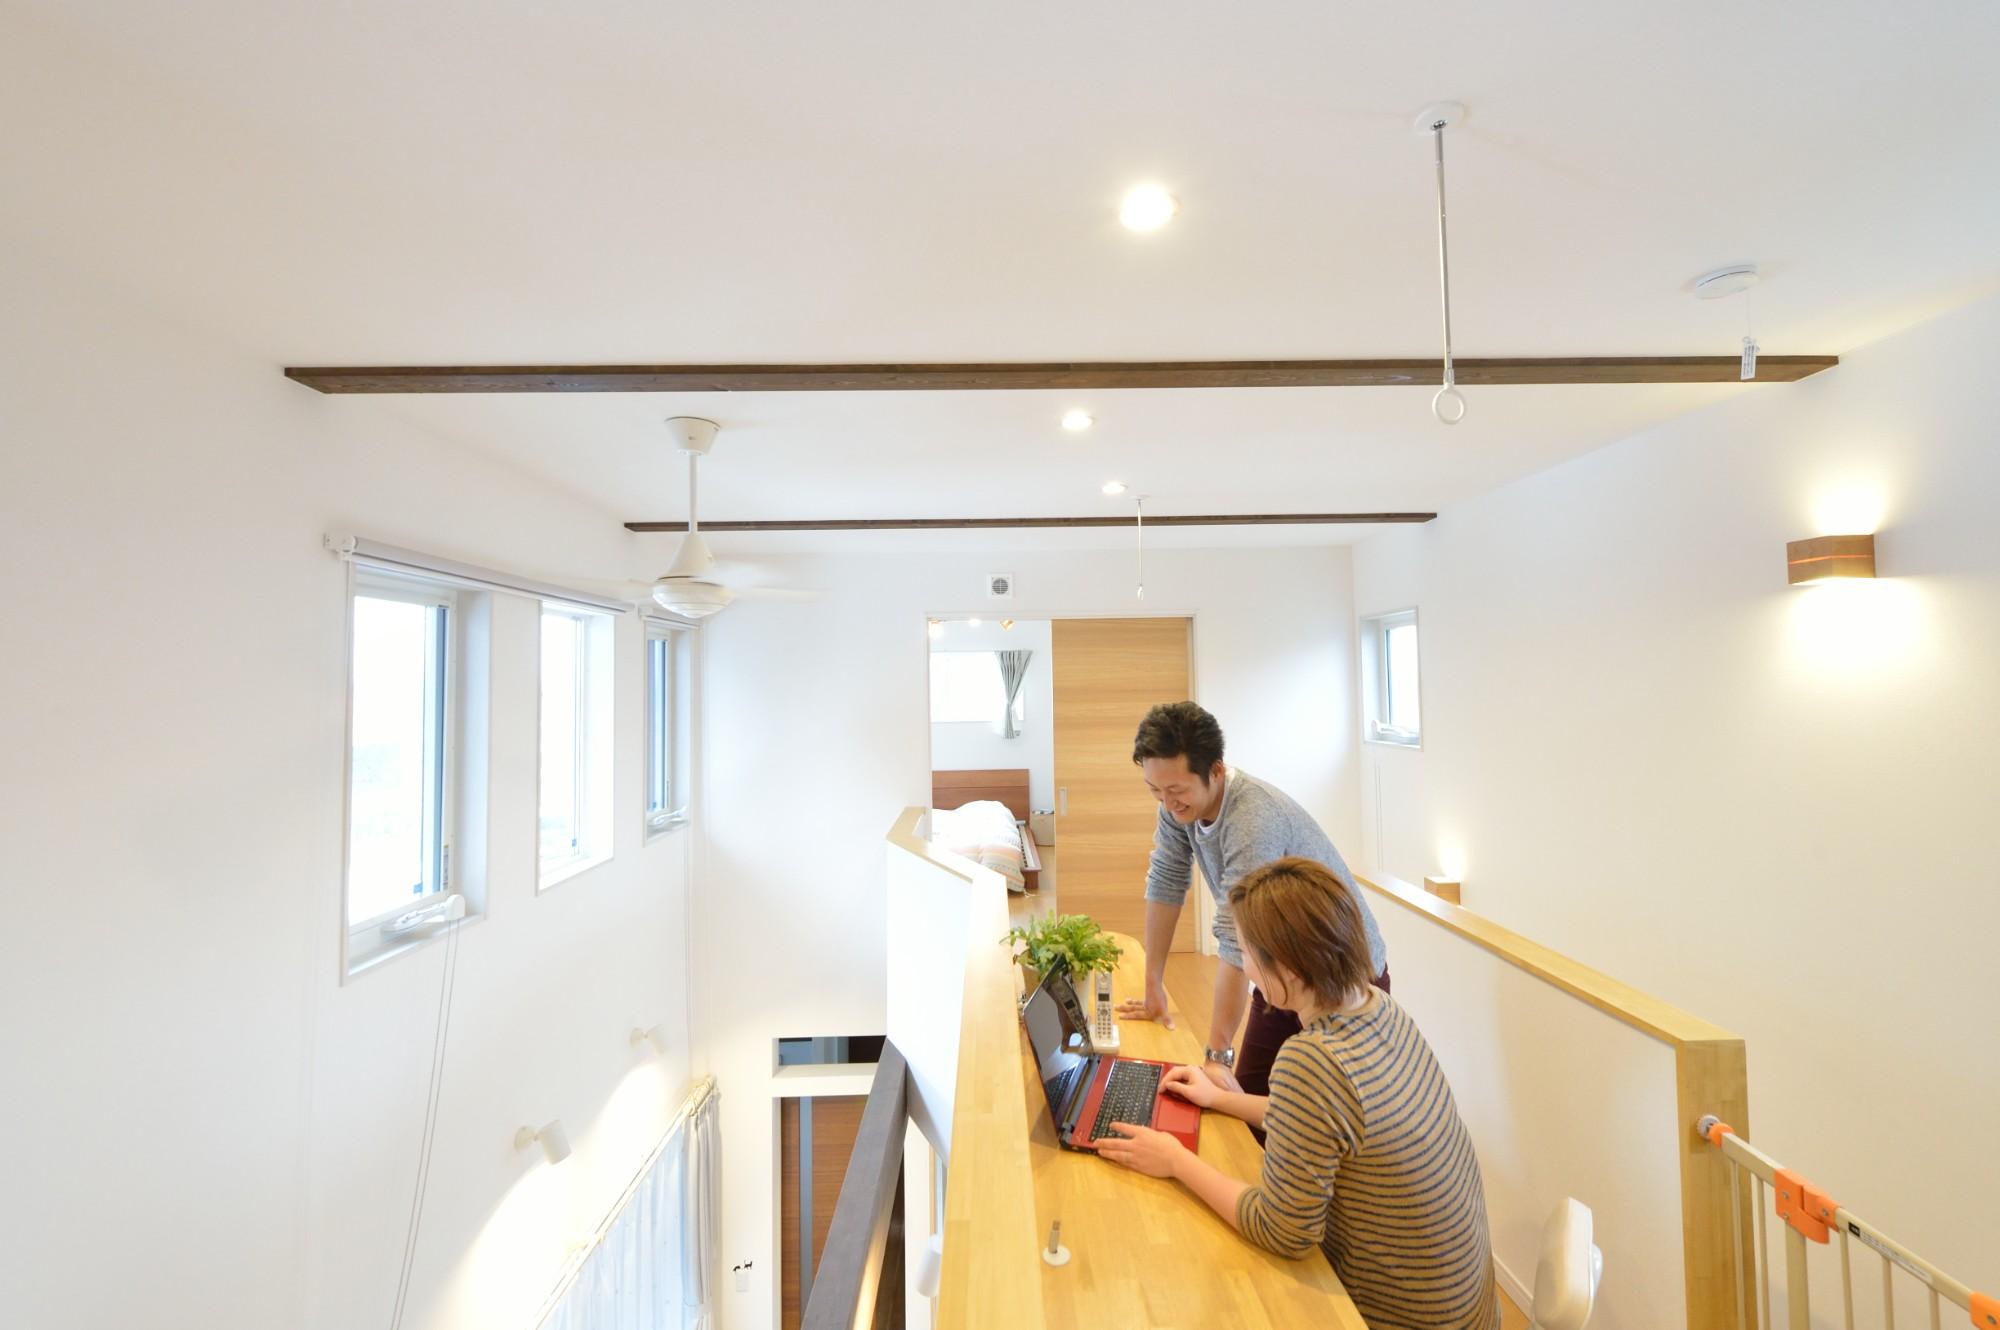 家'Sハセガワ株式会社「Time is smile ~いるだけで笑顔が生まれる家~」のシンプル・ナチュラルな廊下の実例写真